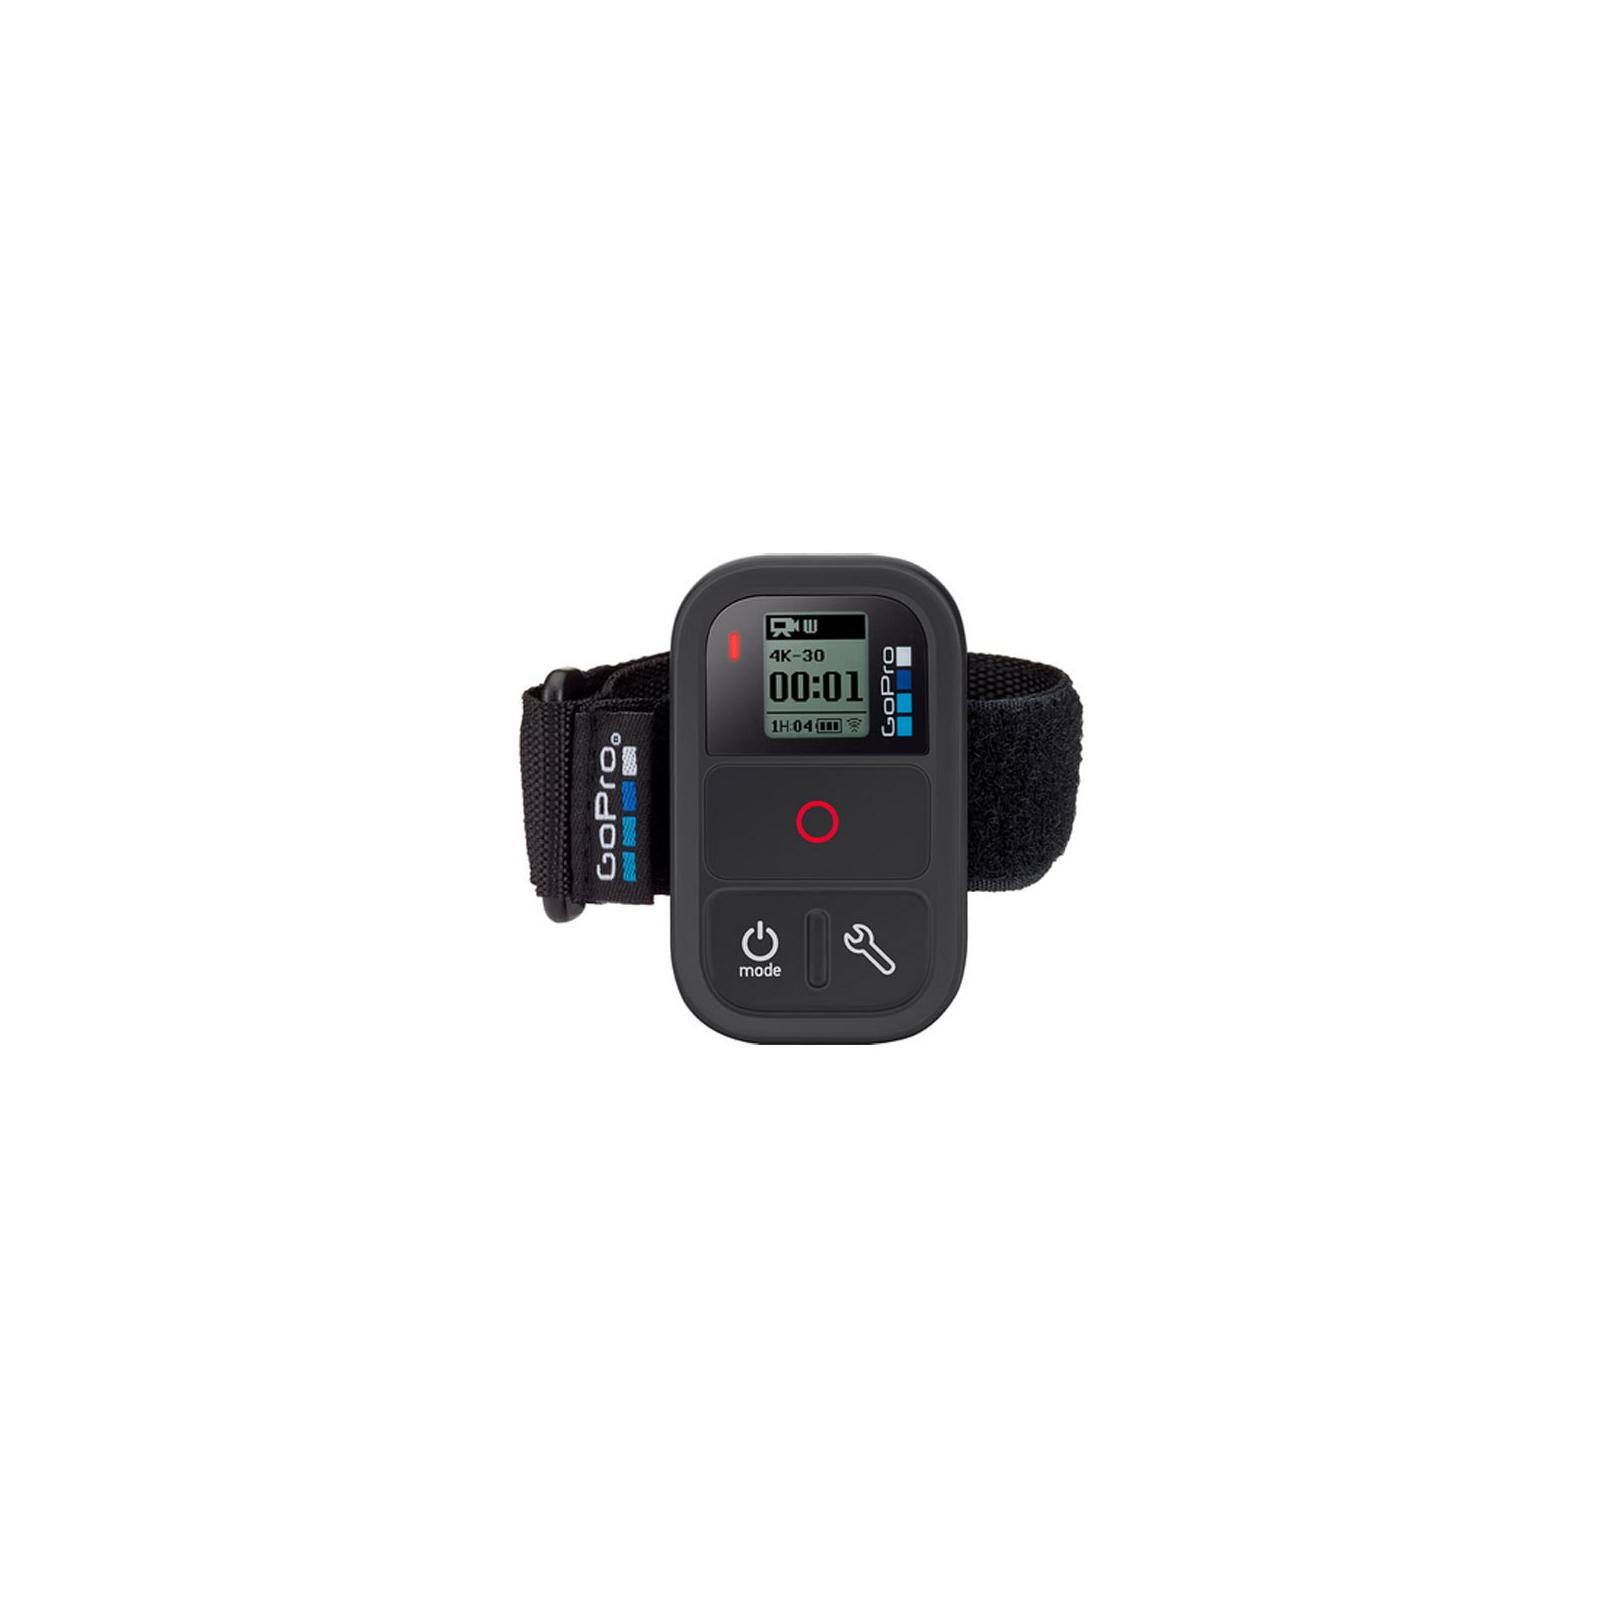 Пульт ДУ для фото- видеокамер GoPro Smart Remote (ARMTE-002-FR) изображение 4